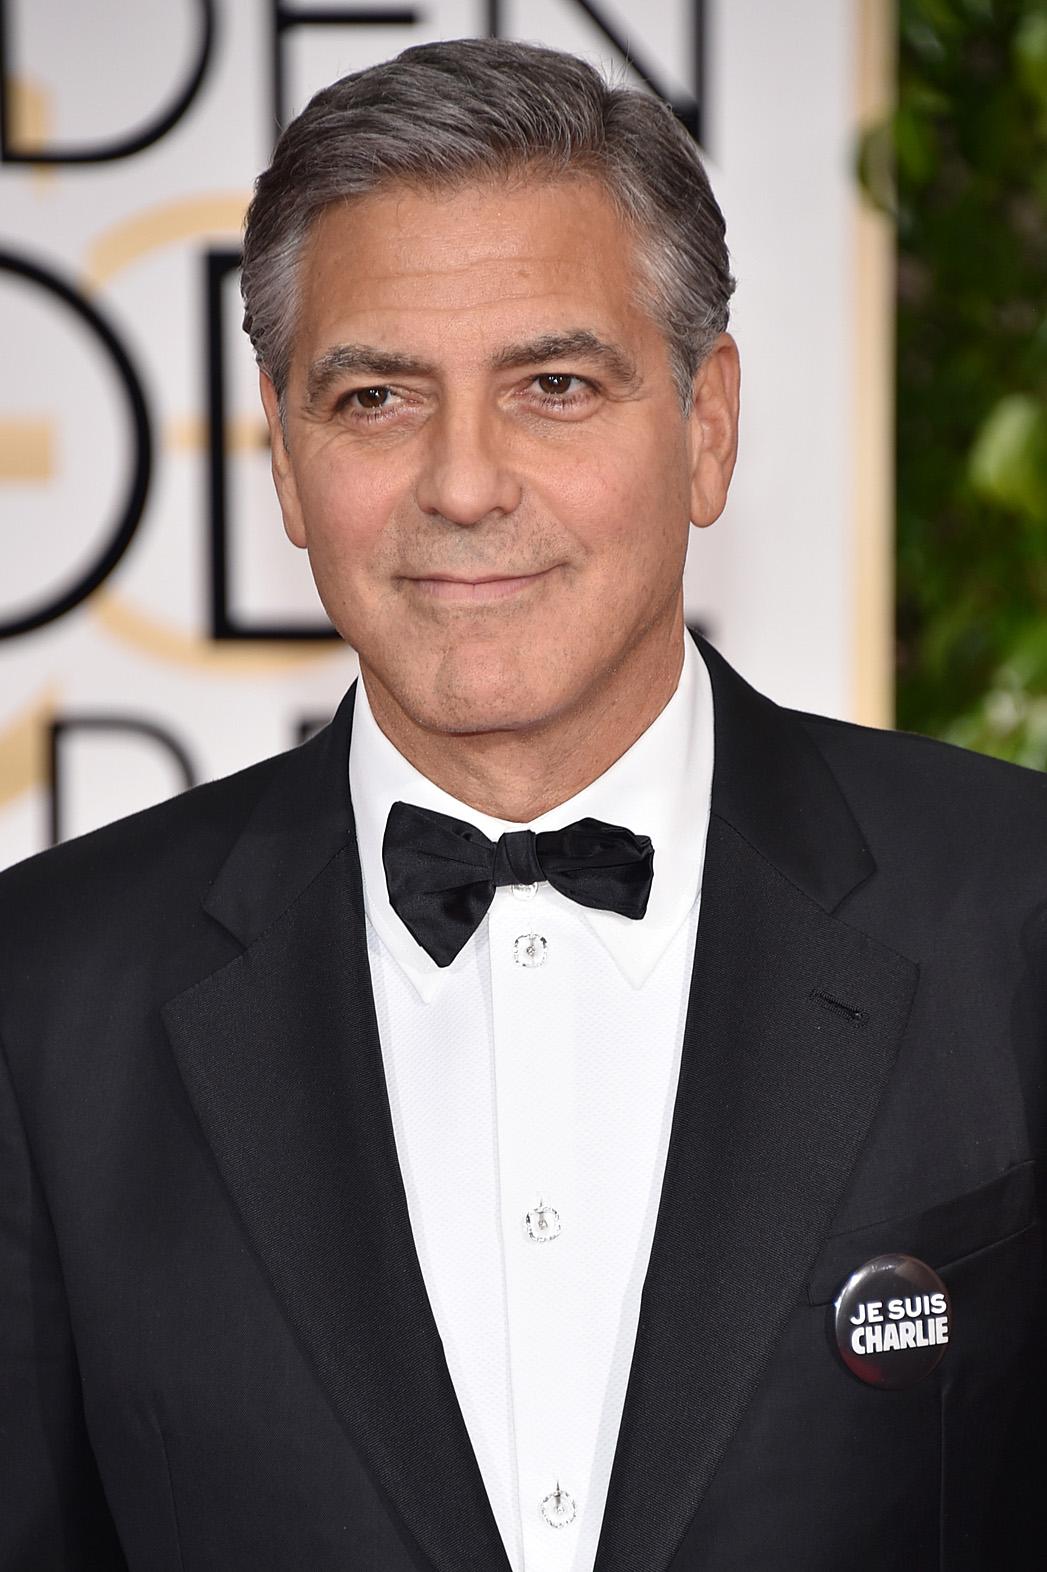 George Clooney Je Suis Charlie - P 2014